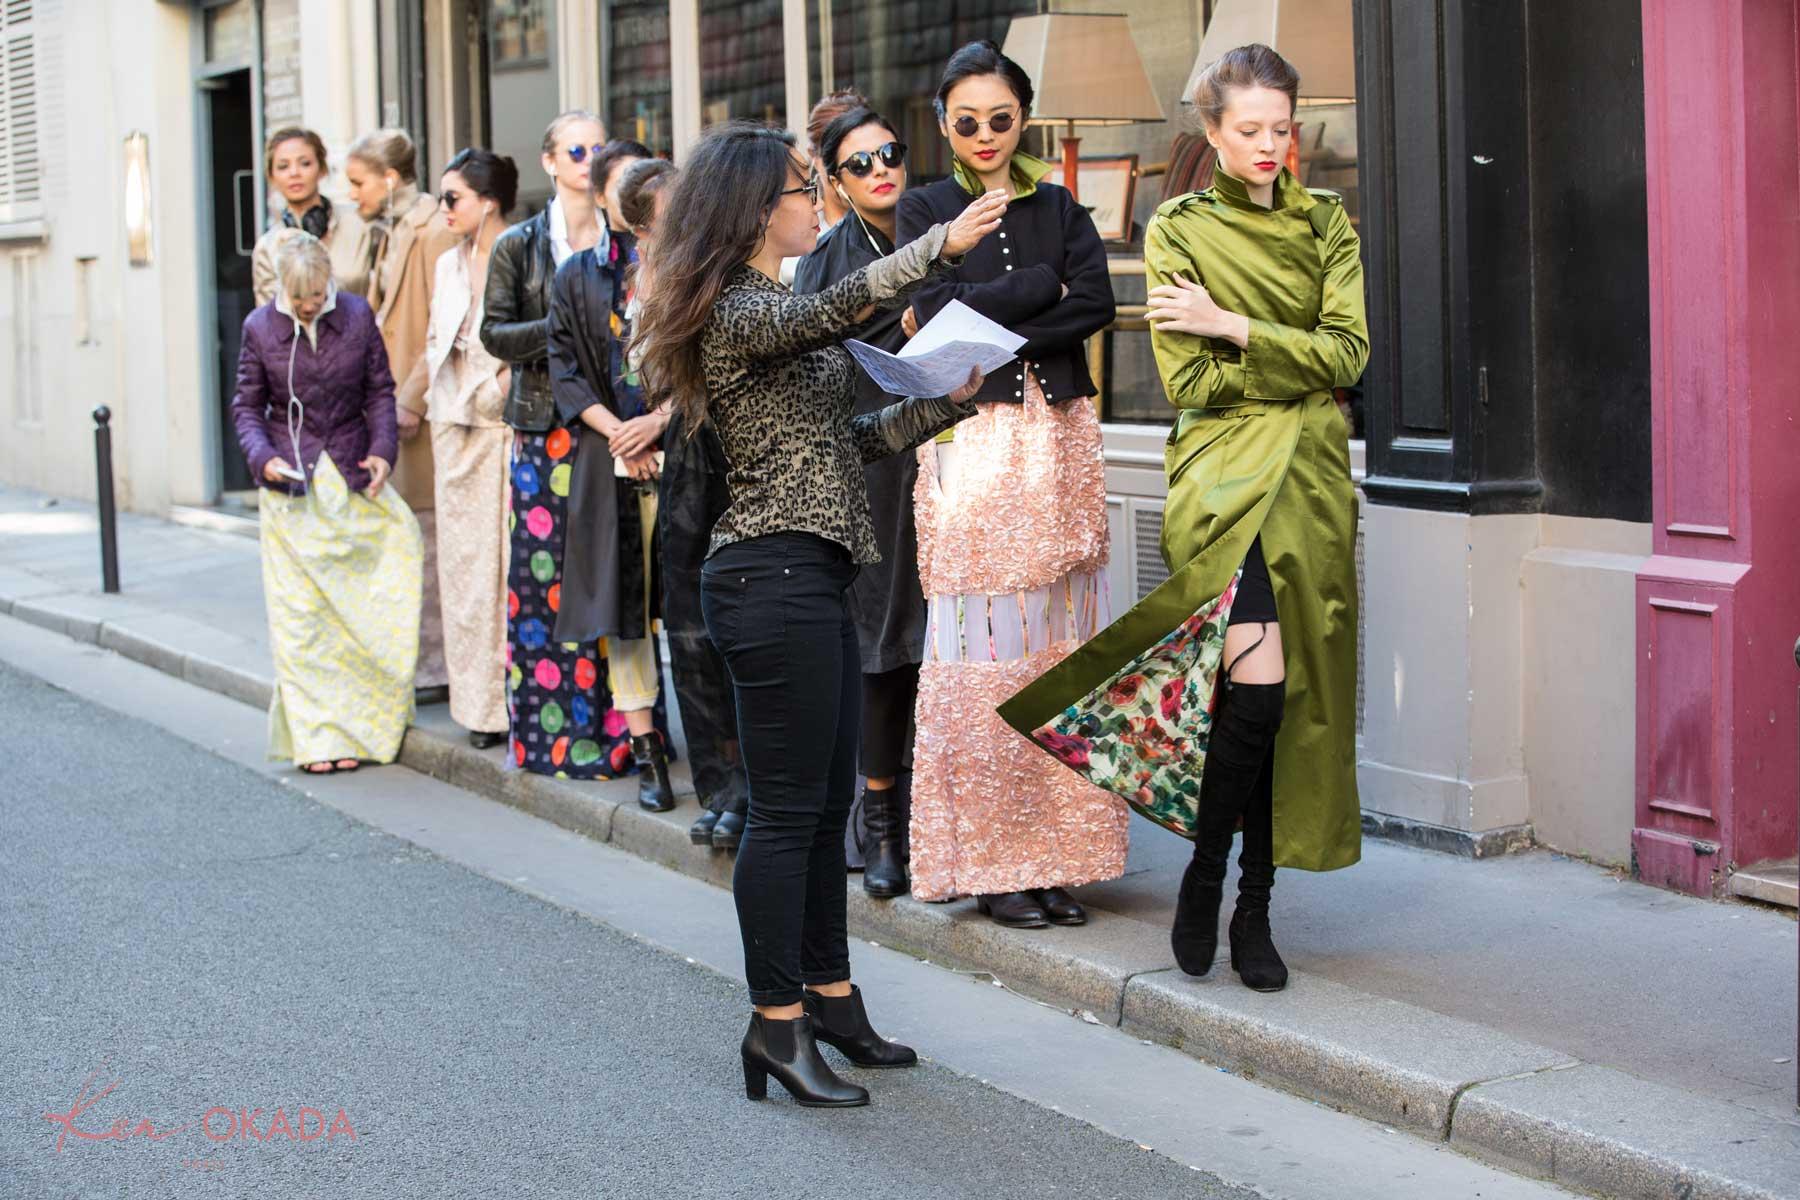 """Défilé : Flash Mob """"Pont des Arts"""" les secrets dévoilés - octobre 2016-20"""